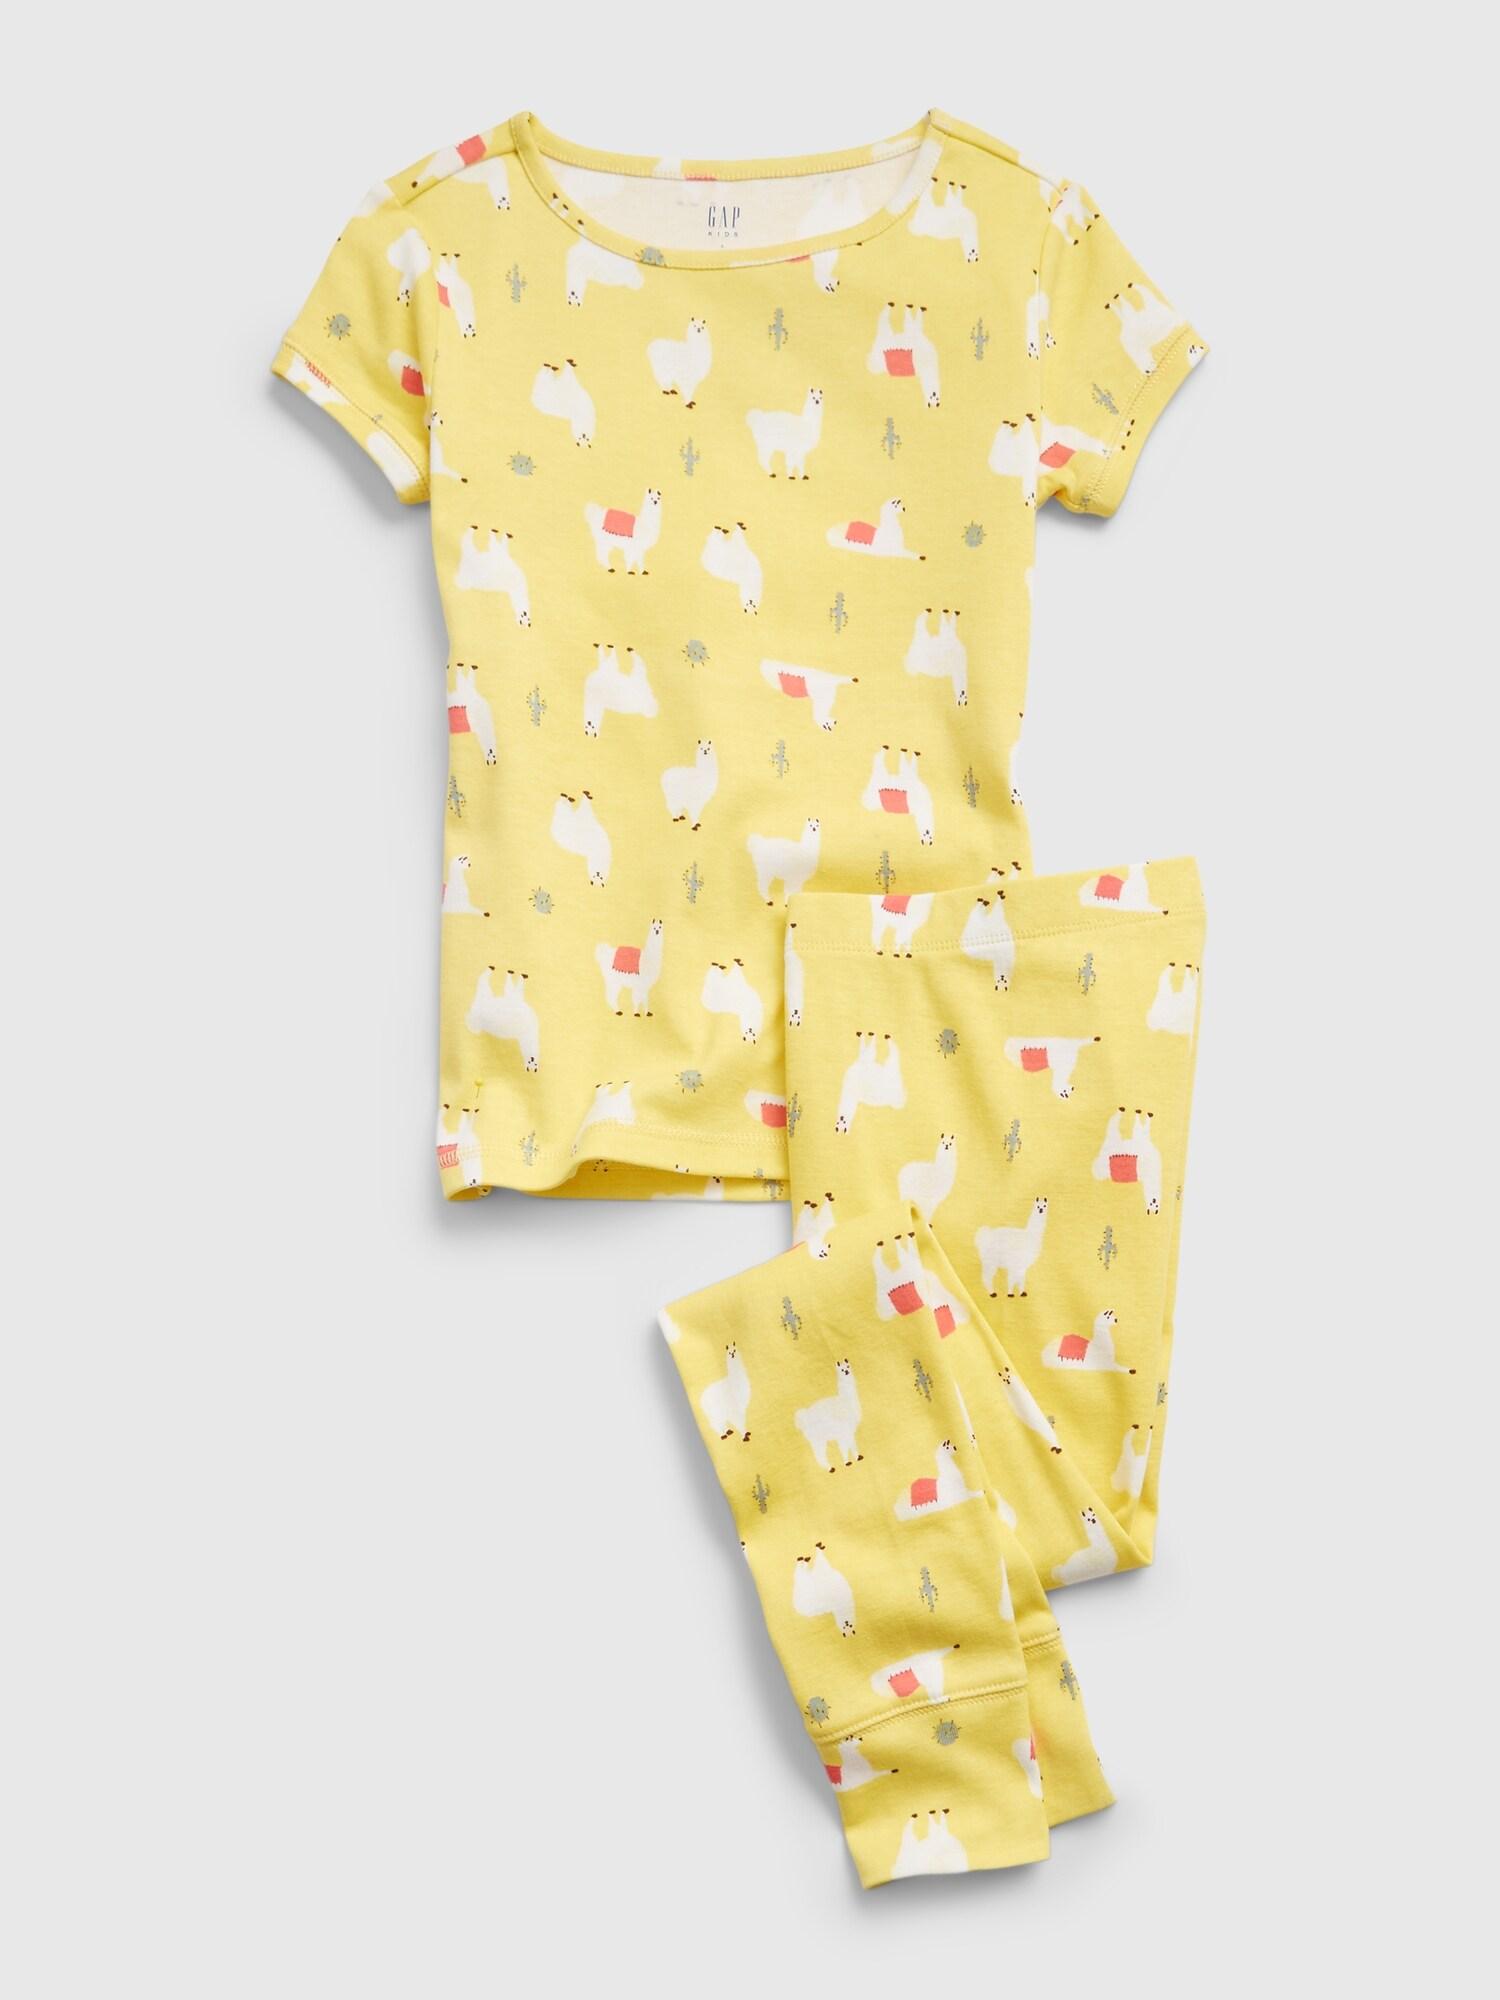 GAP AO Llama Pyžamo detské Žltá - 116